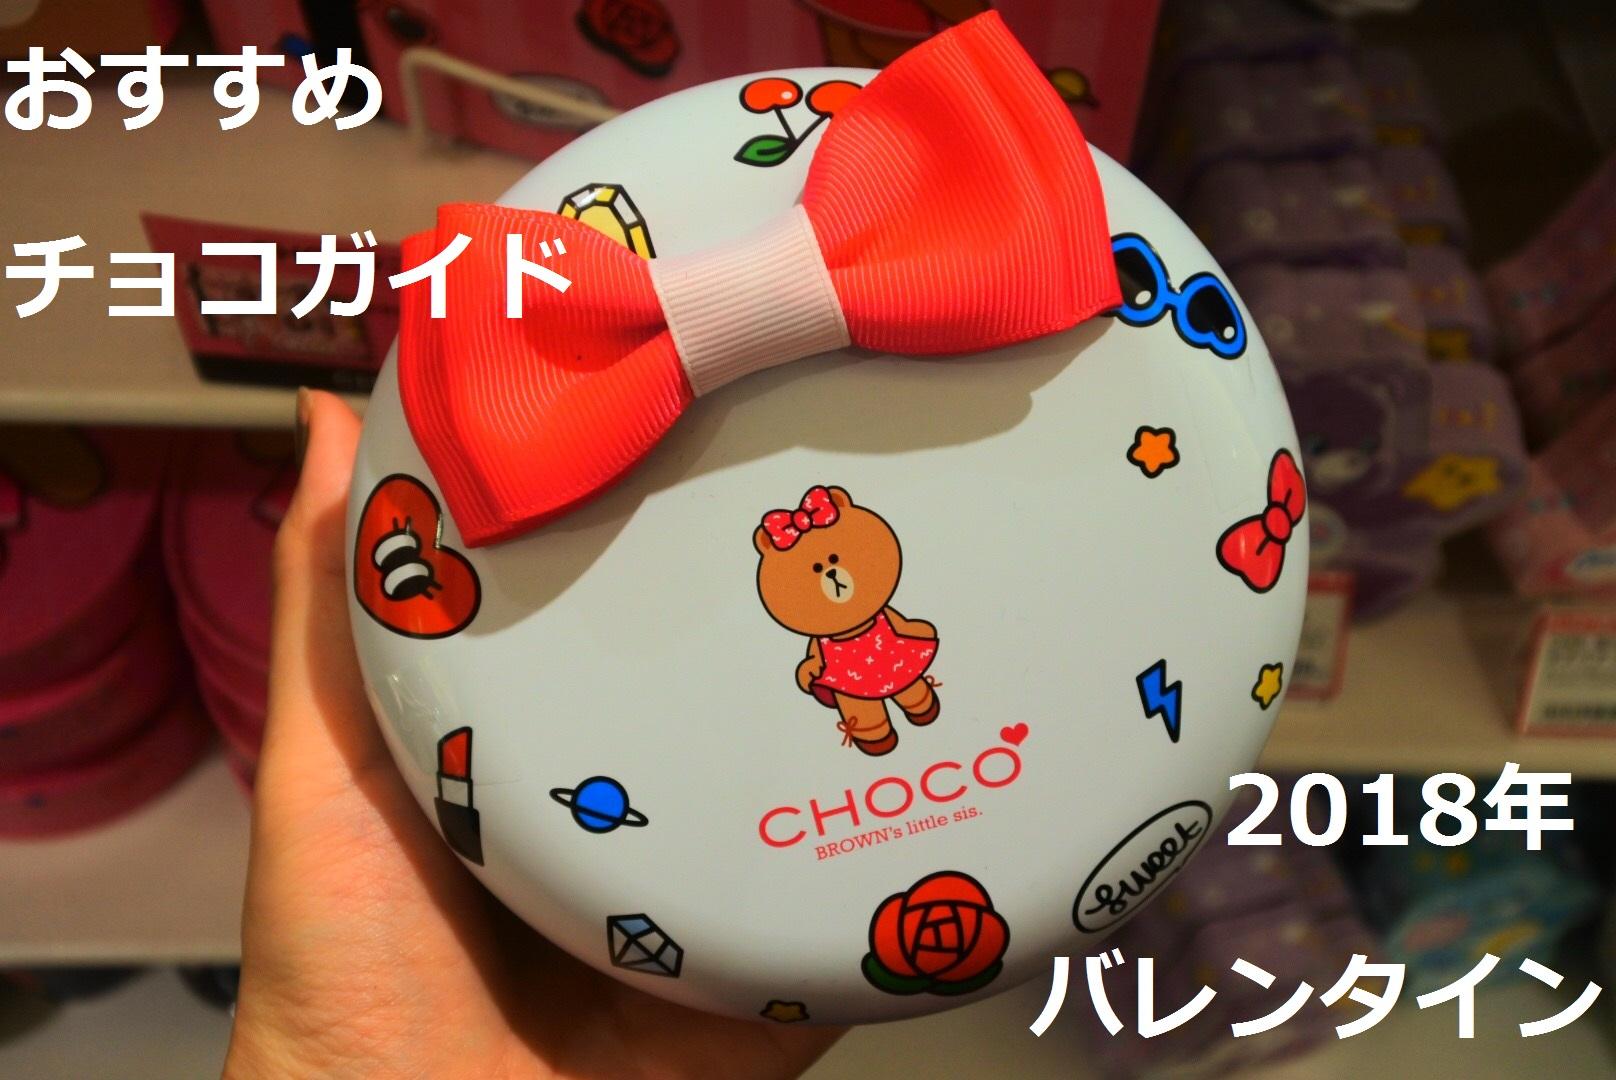 2018年バレンタインデー最新おすすめチョコ【毎年使える保存版!】